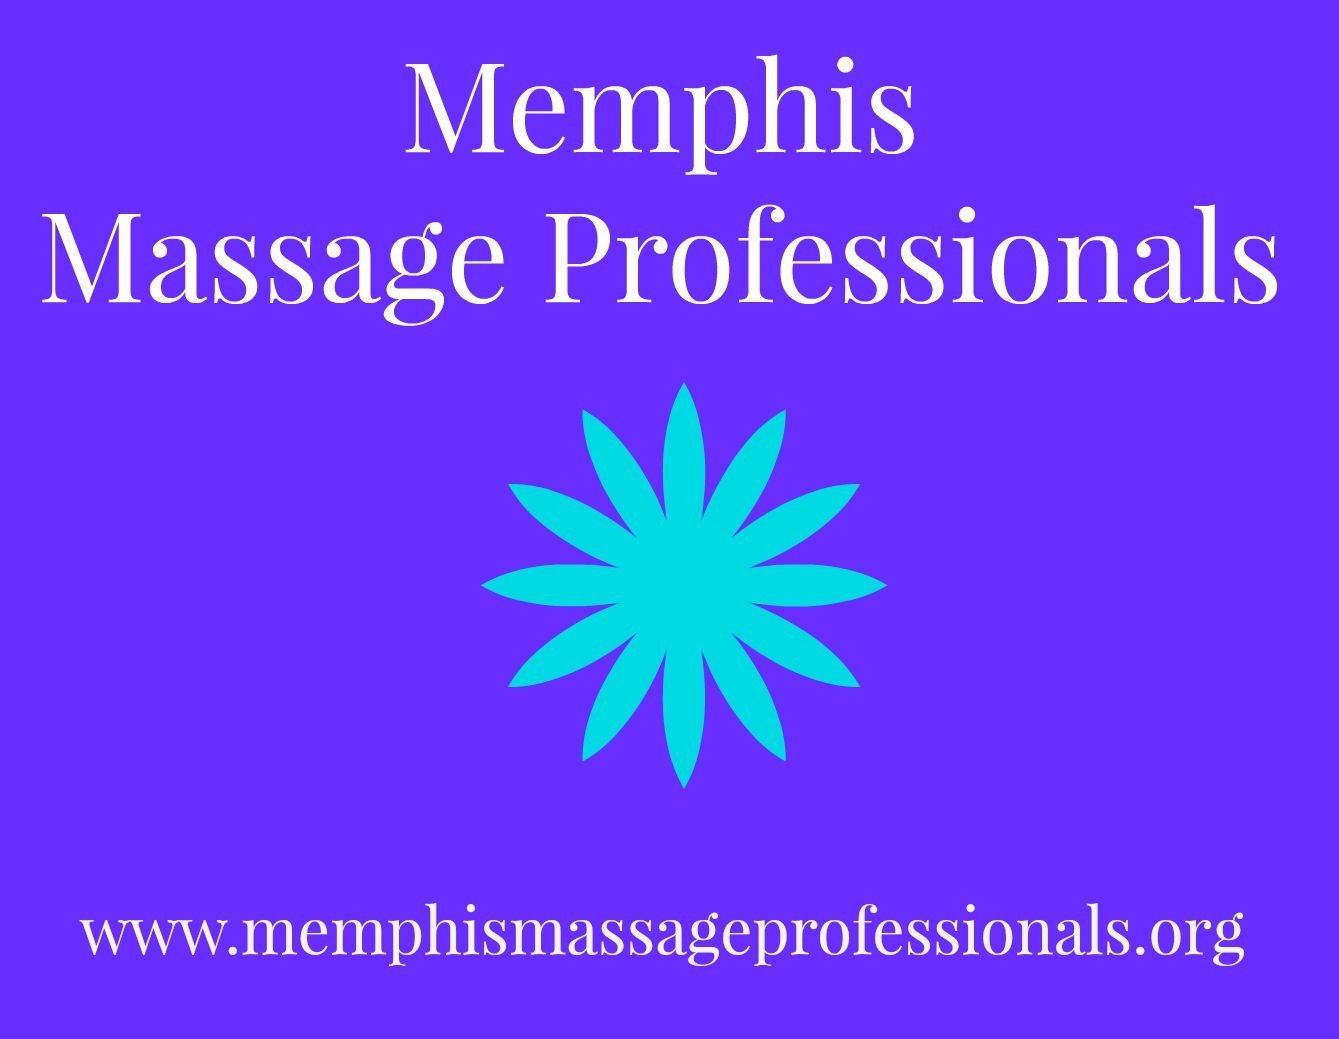 memphis massage therapists amilles entertainment